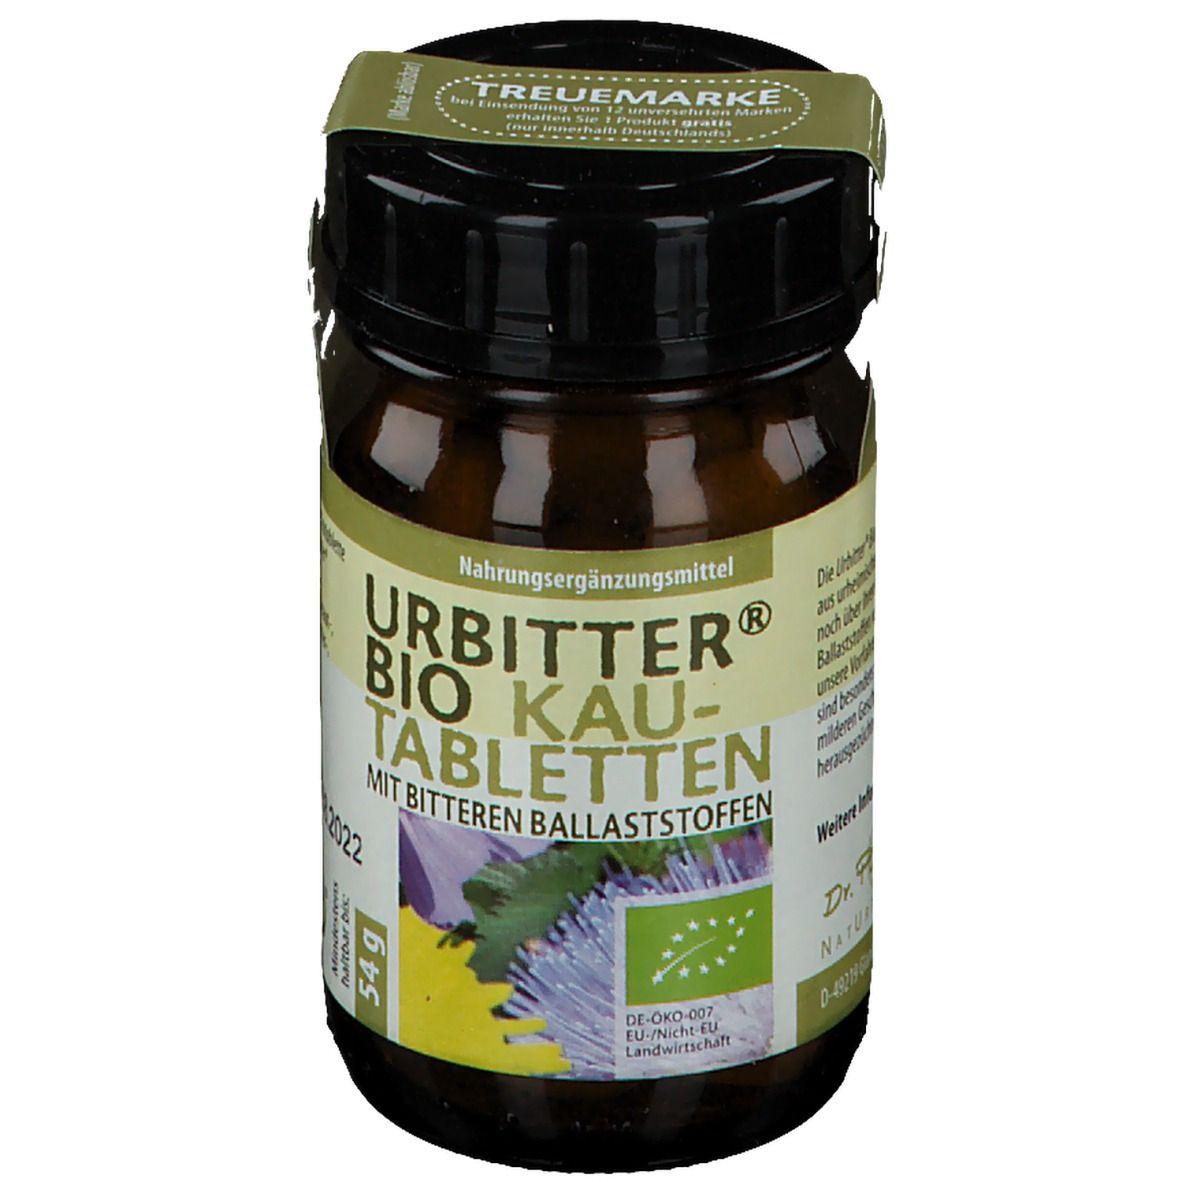 URBITTER® Bio